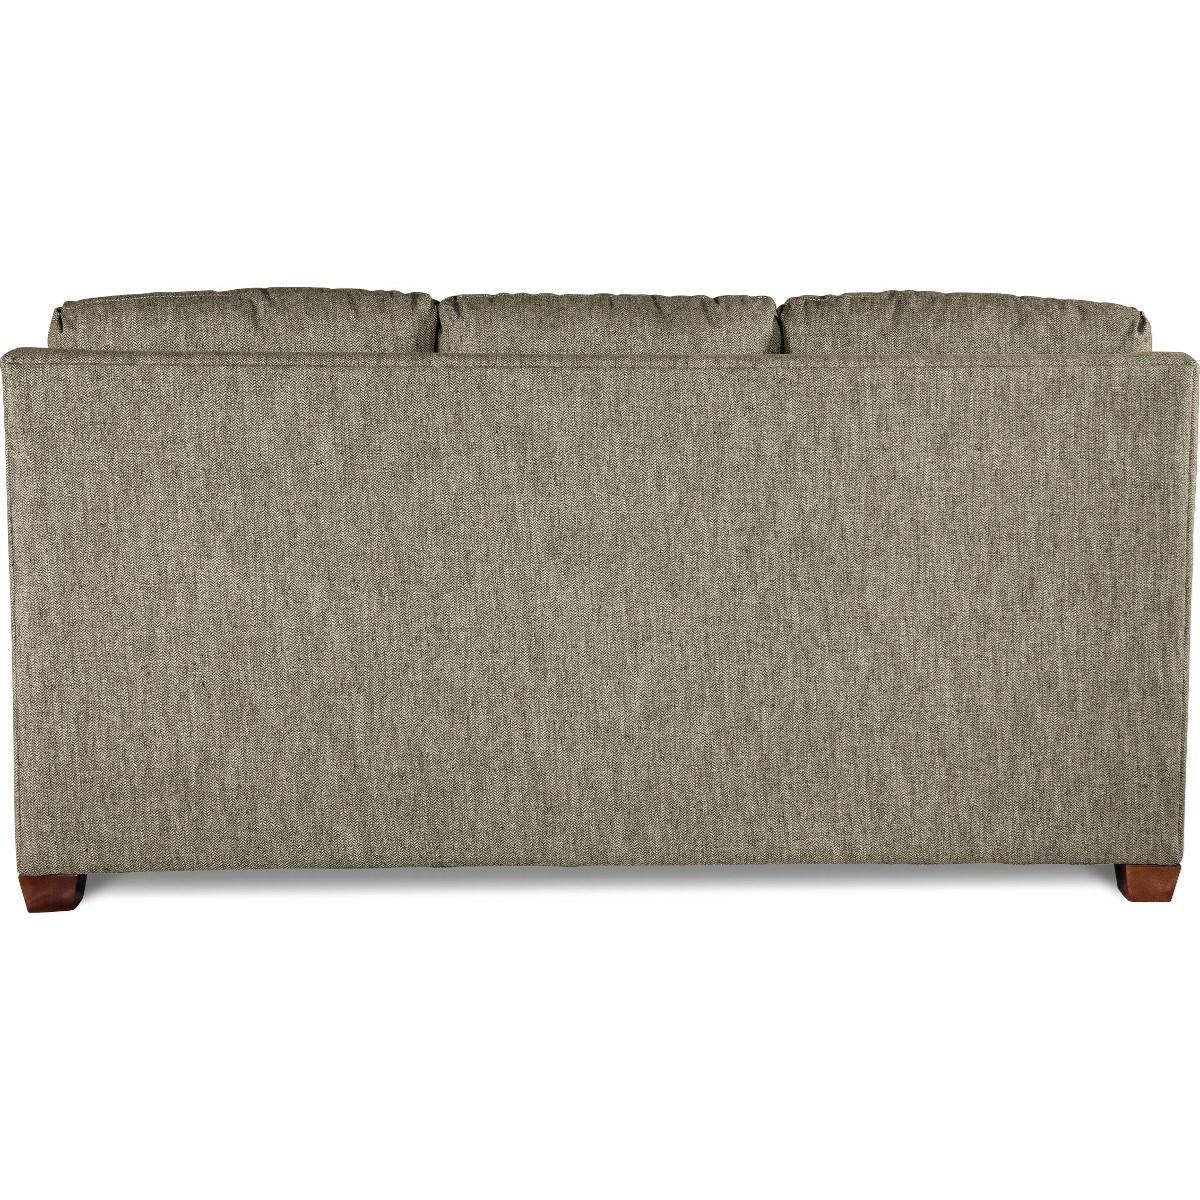 La Z Boy Twilight Contemporary Queen Sofa Sleeper